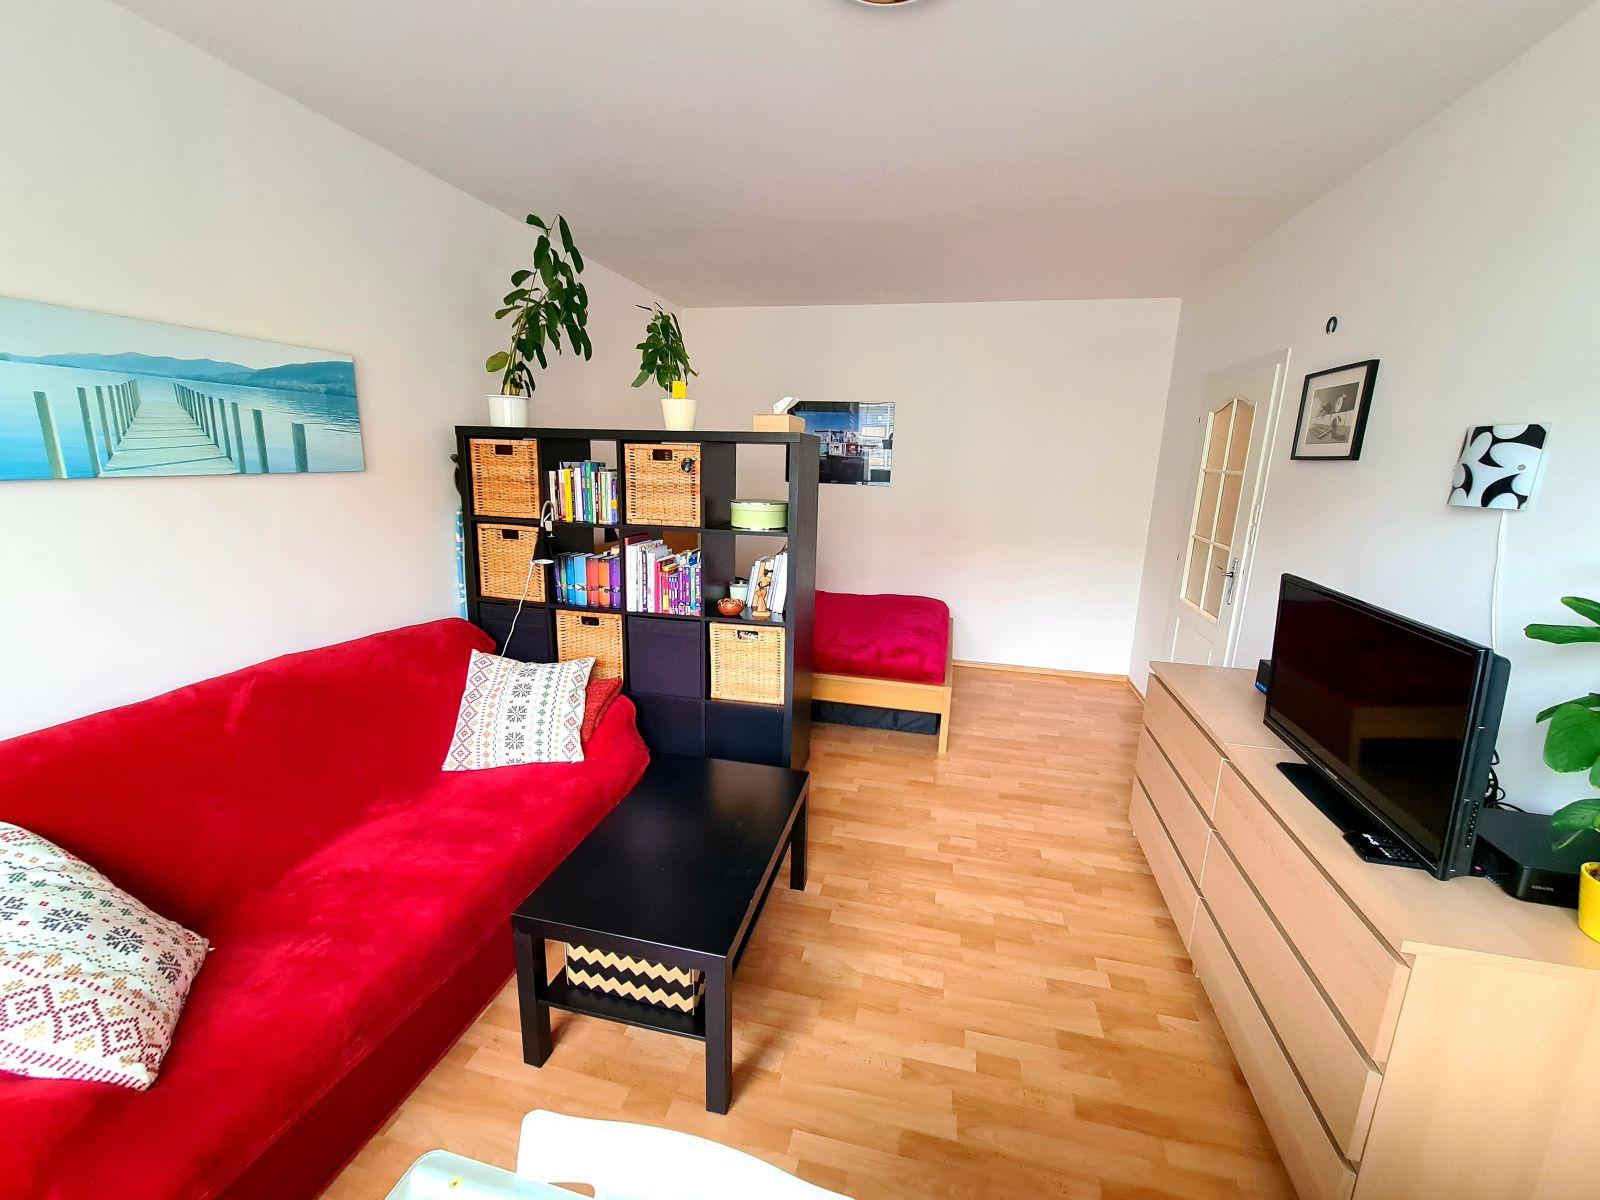 Pronájem   prostorného bytu 1+kk s oddělenou kuchyní, sklep, ul. Brodského, Praha 4 - Chodov